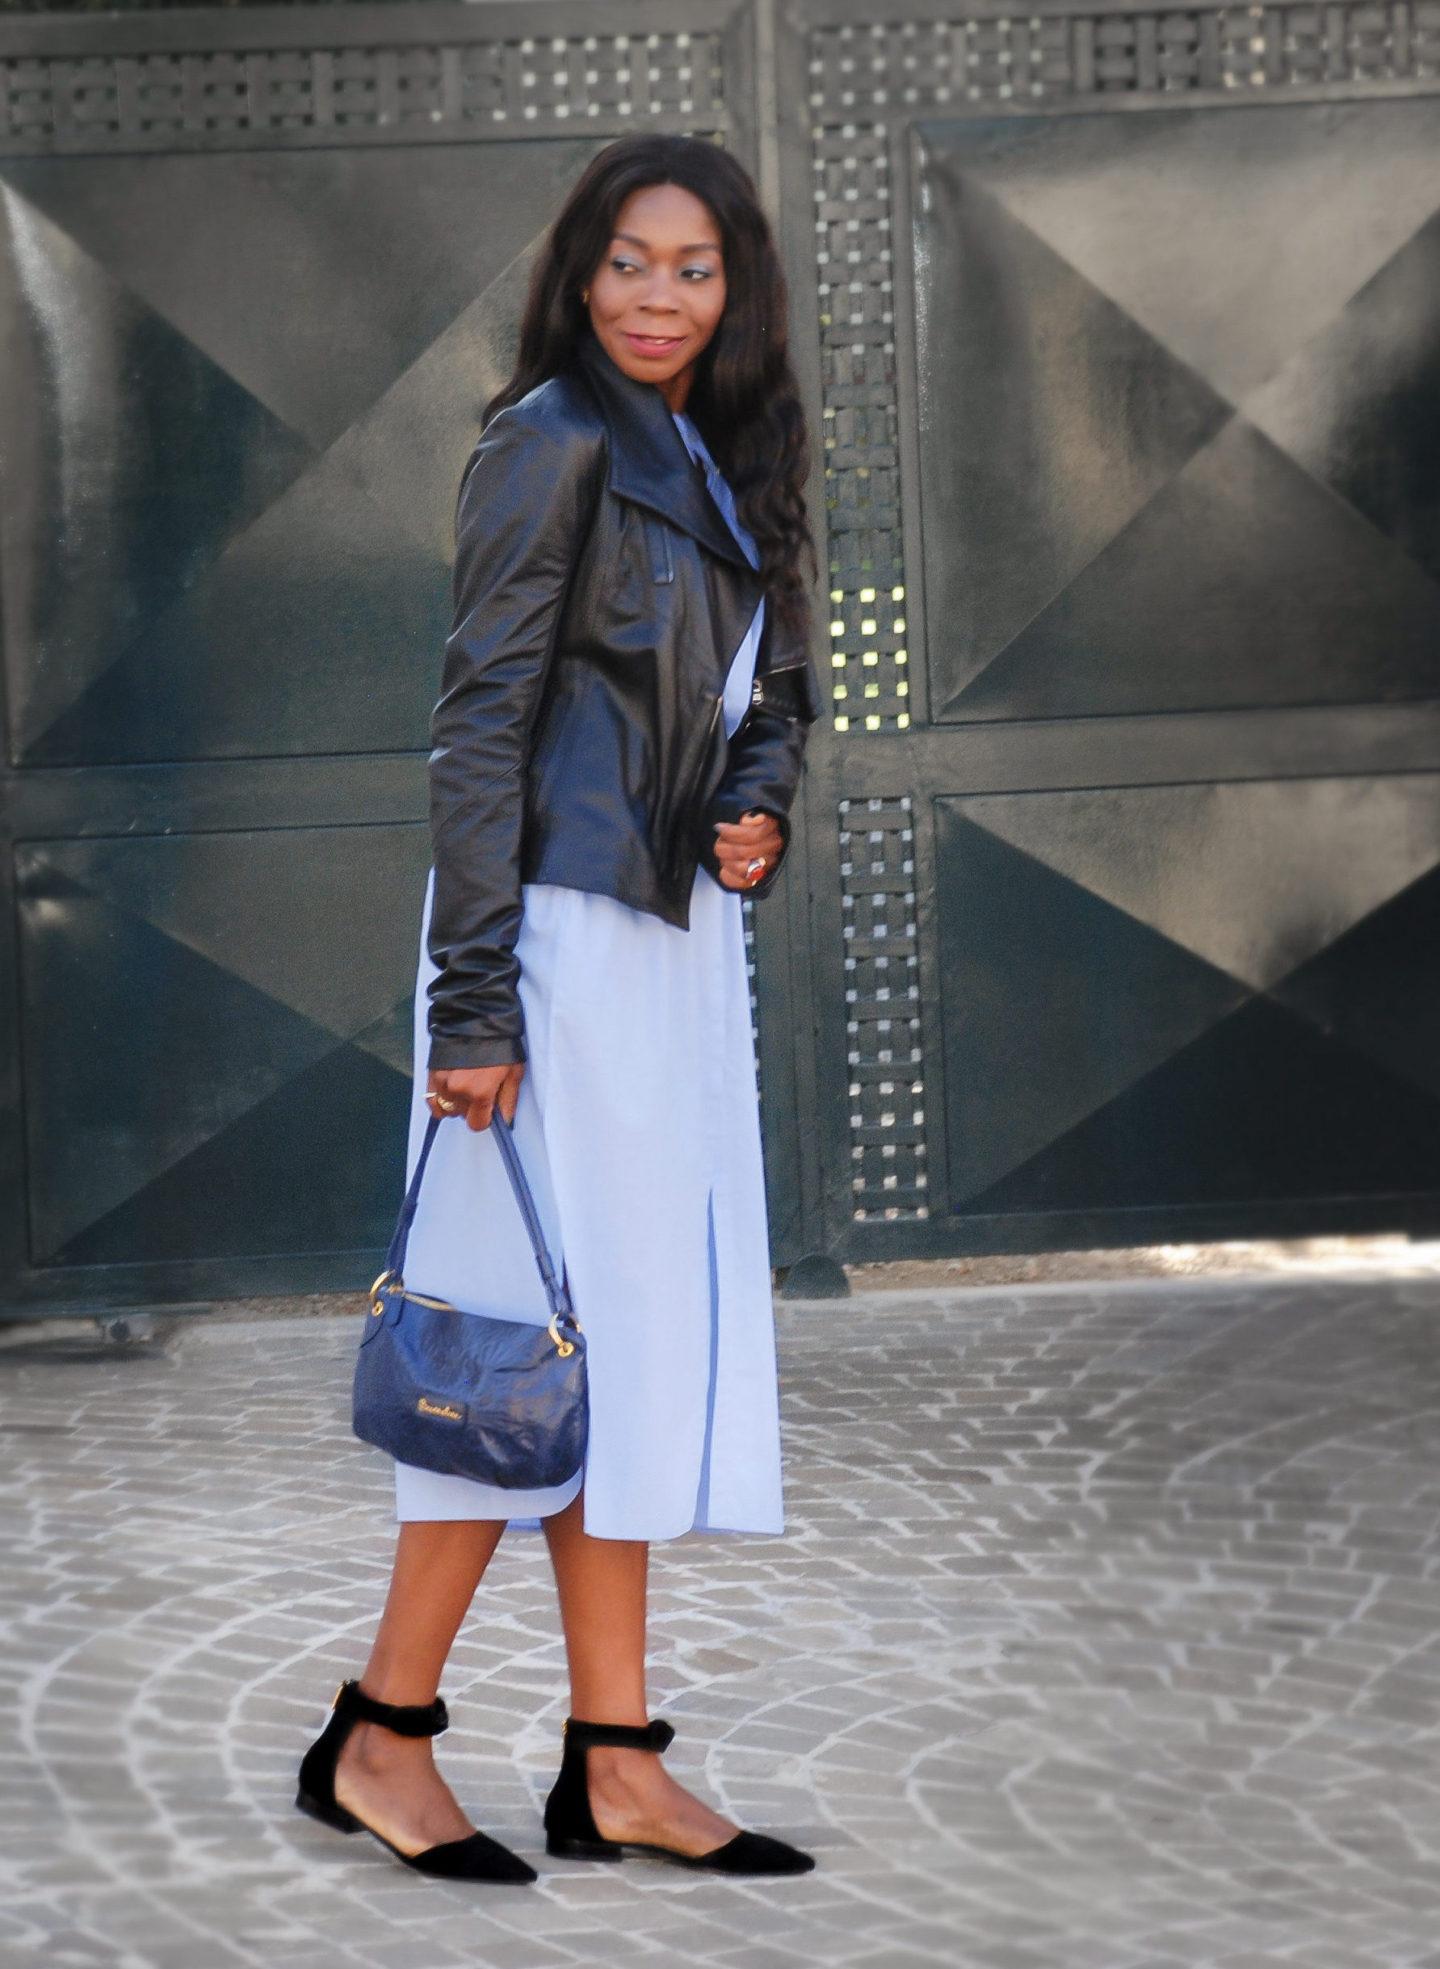 Sky Blue Shirt Dress For Fall